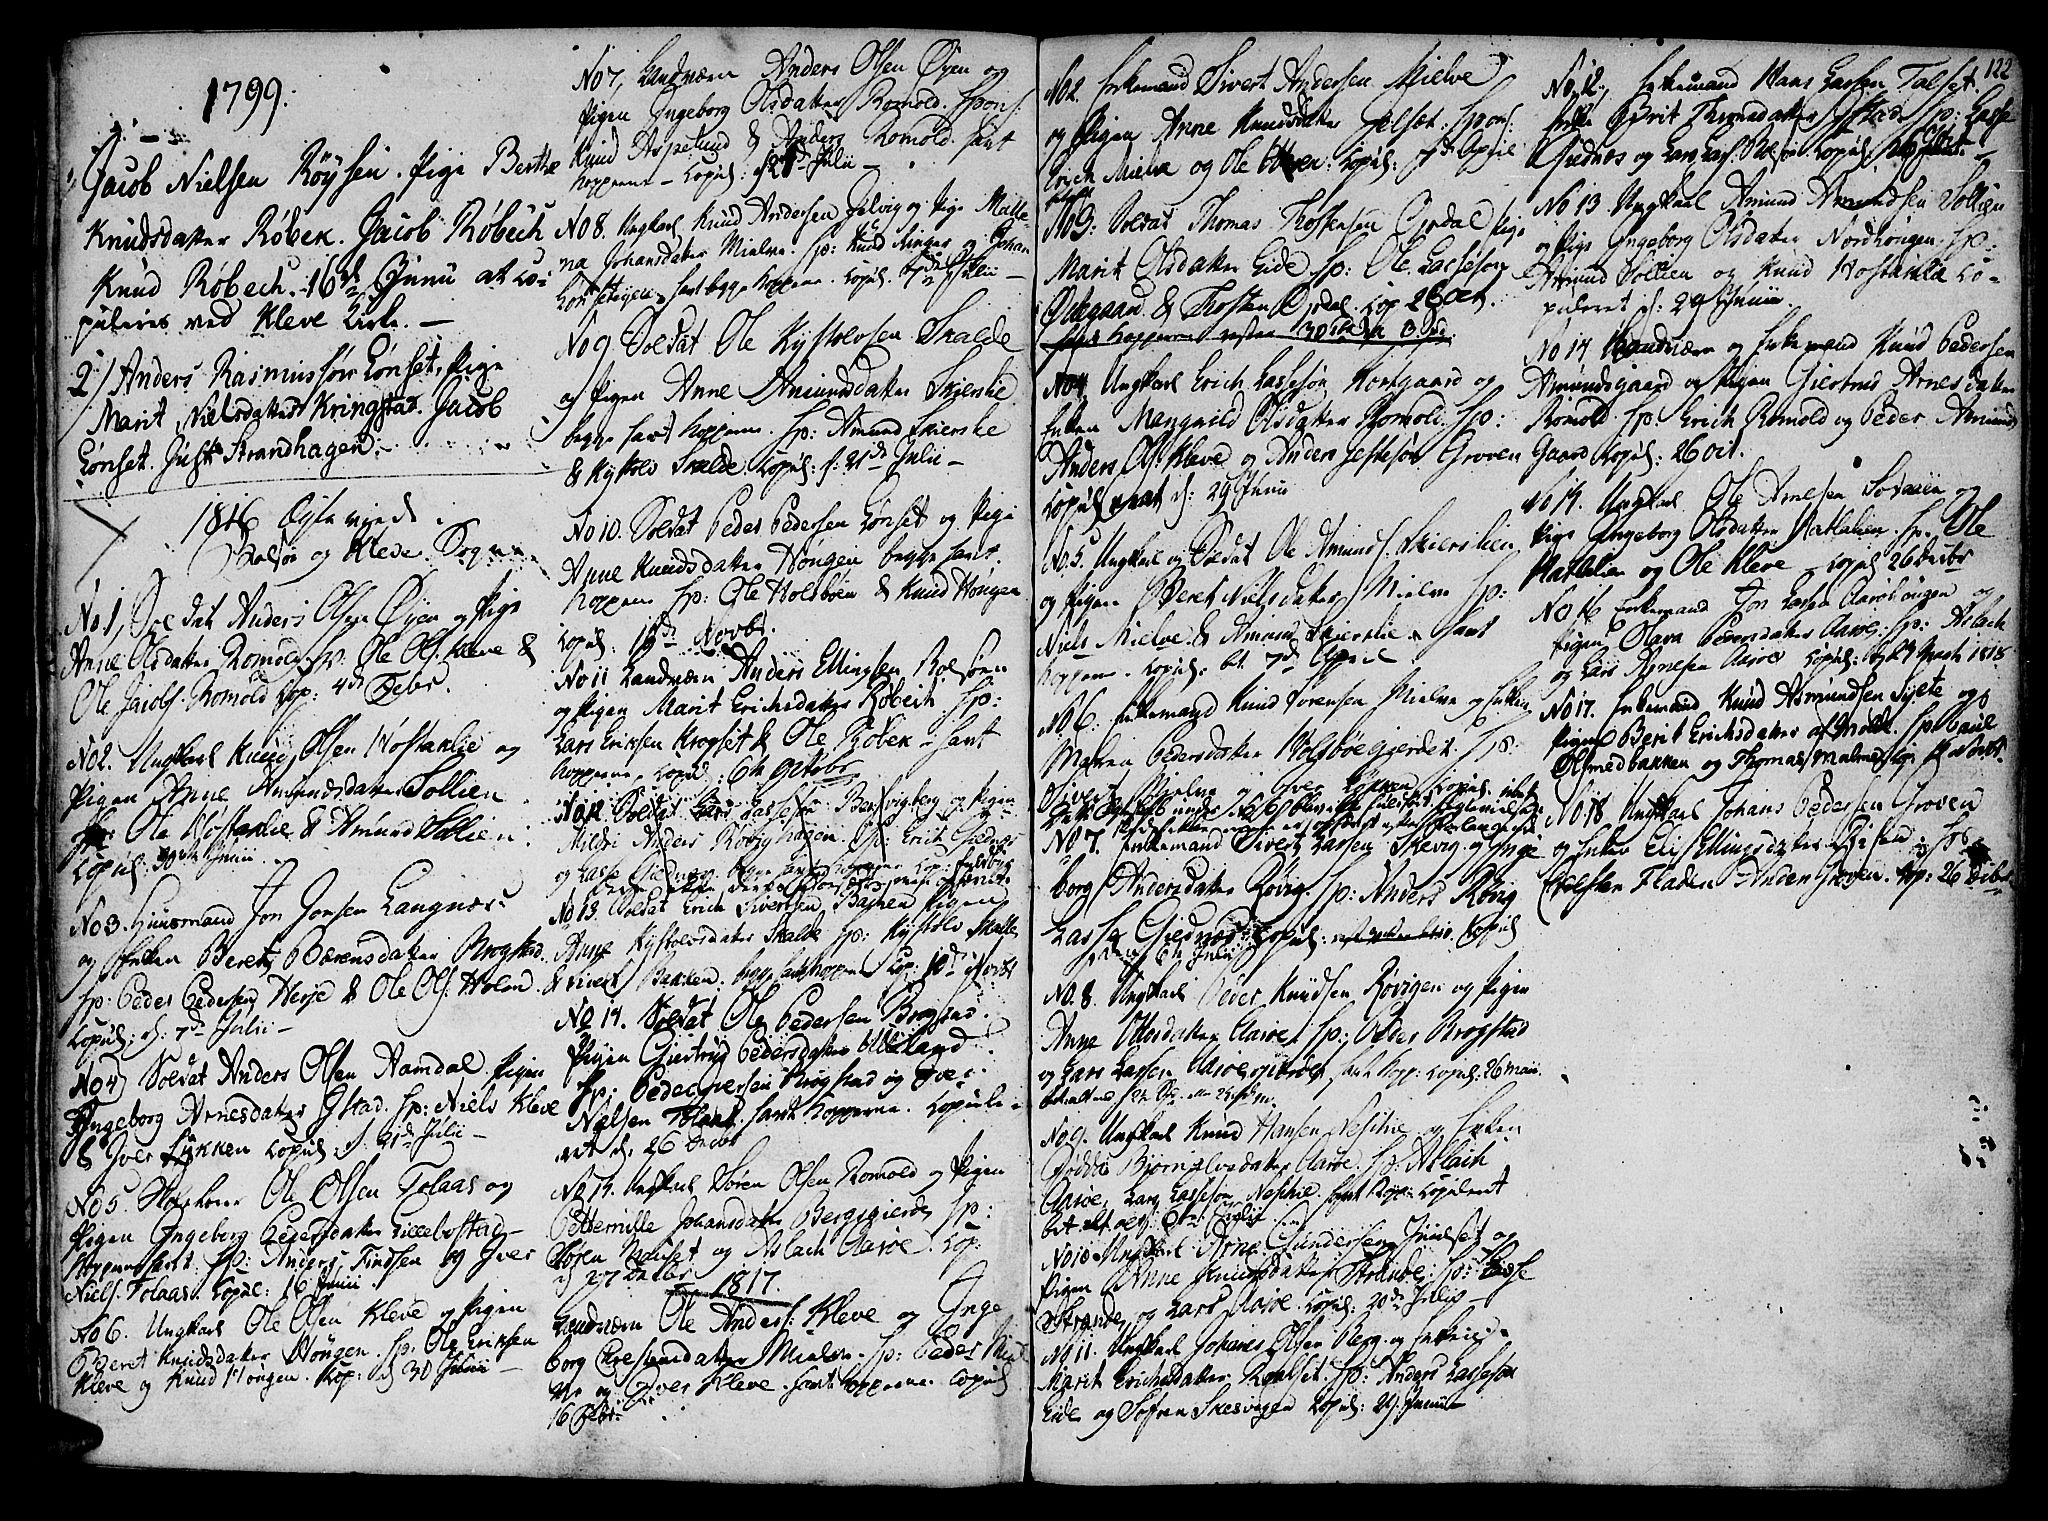 SAT, Ministerialprotokoller, klokkerbøker og fødselsregistre - Møre og Romsdal, 555/L0649: Ministerialbok nr. 555A02 /1, 1795-1821, s. 122